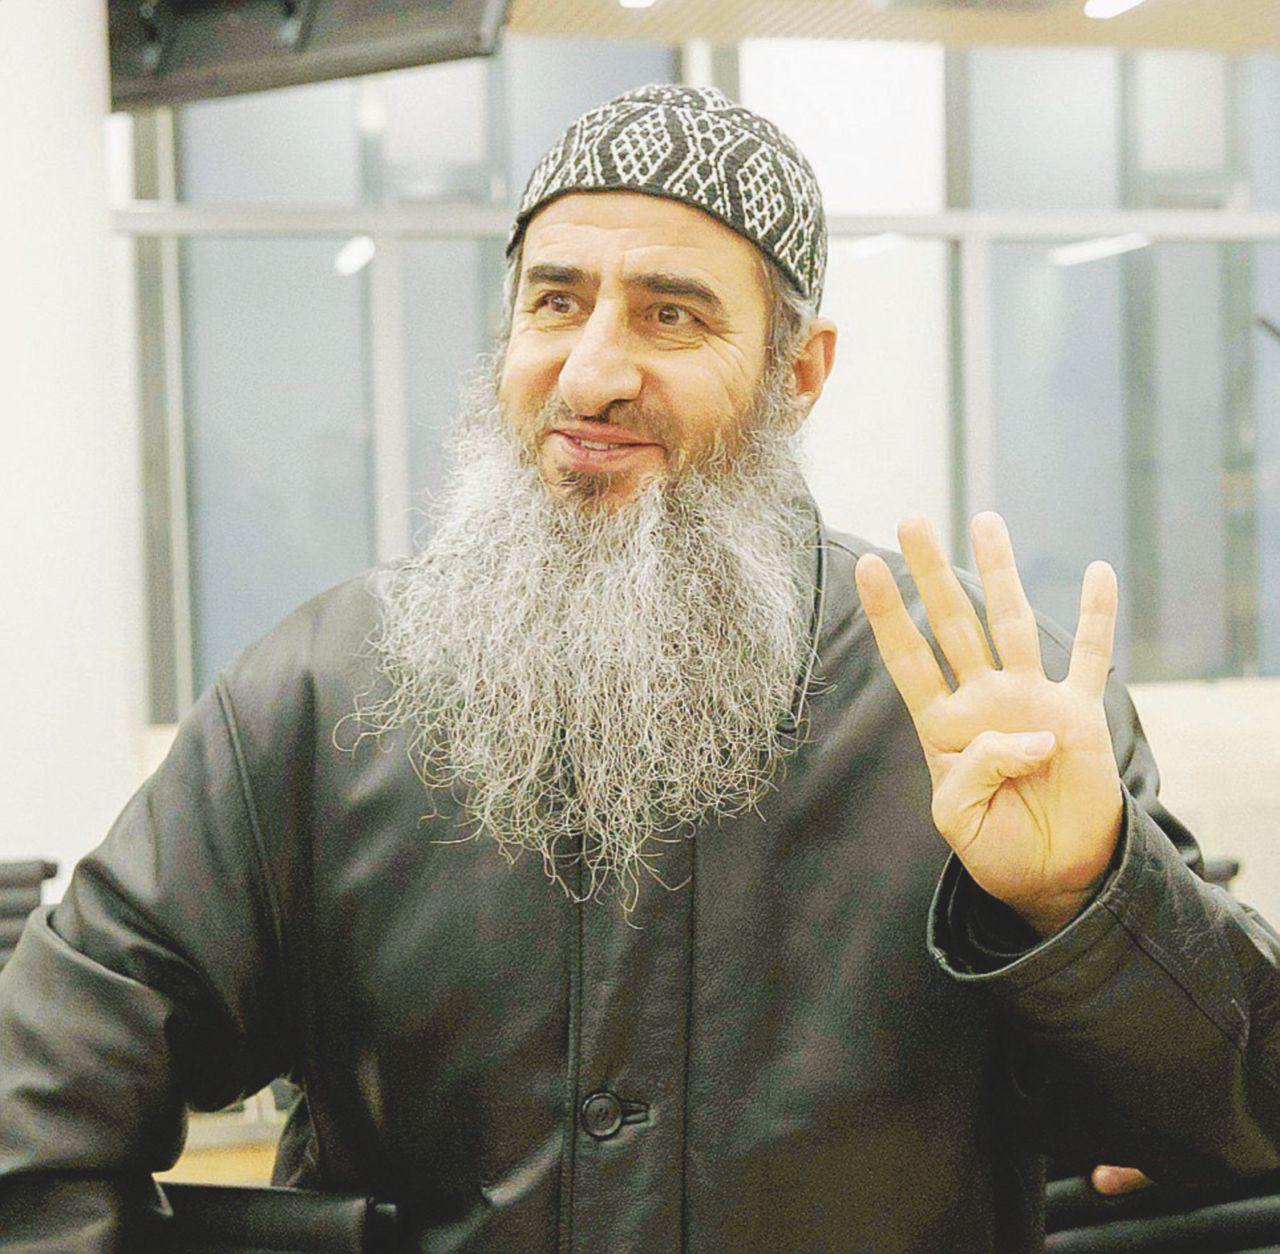 Omissioni e giustizia lenta: il mullah torna libero